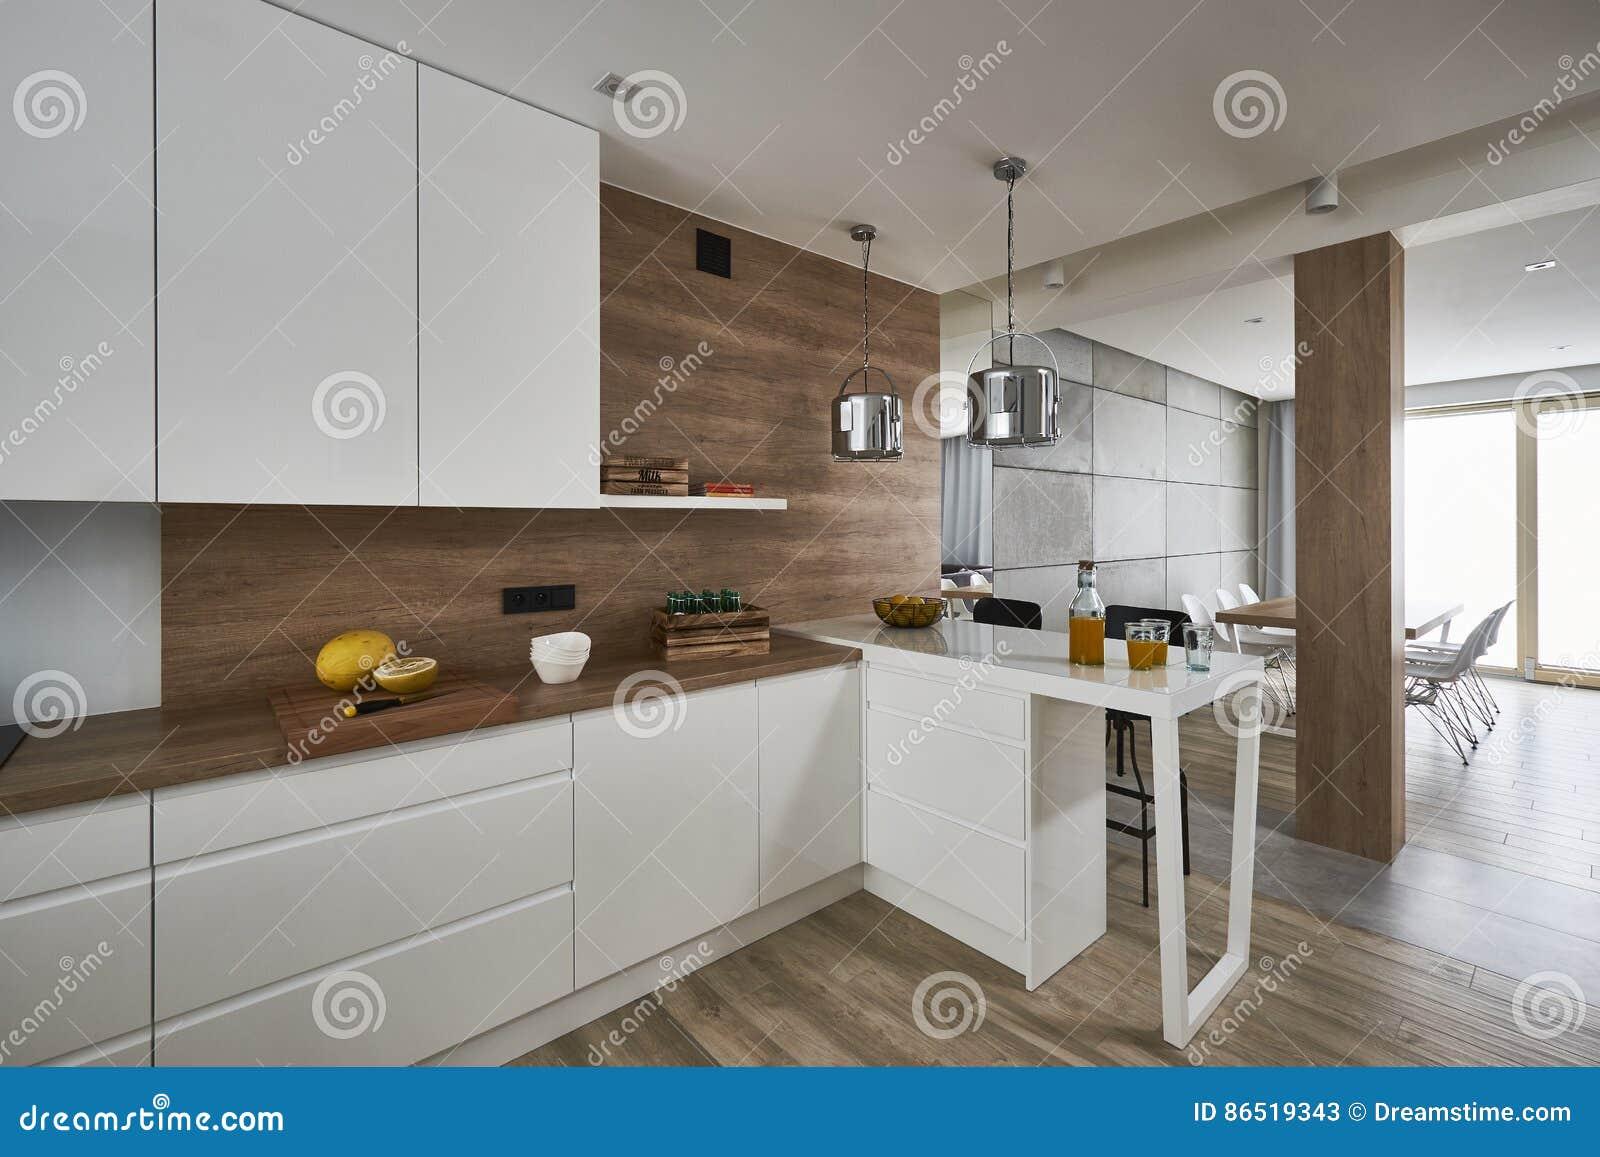 Parete Cucina Moderna.Cucina Moderna Con Le Pareti Bianche E Marroni Fotografia